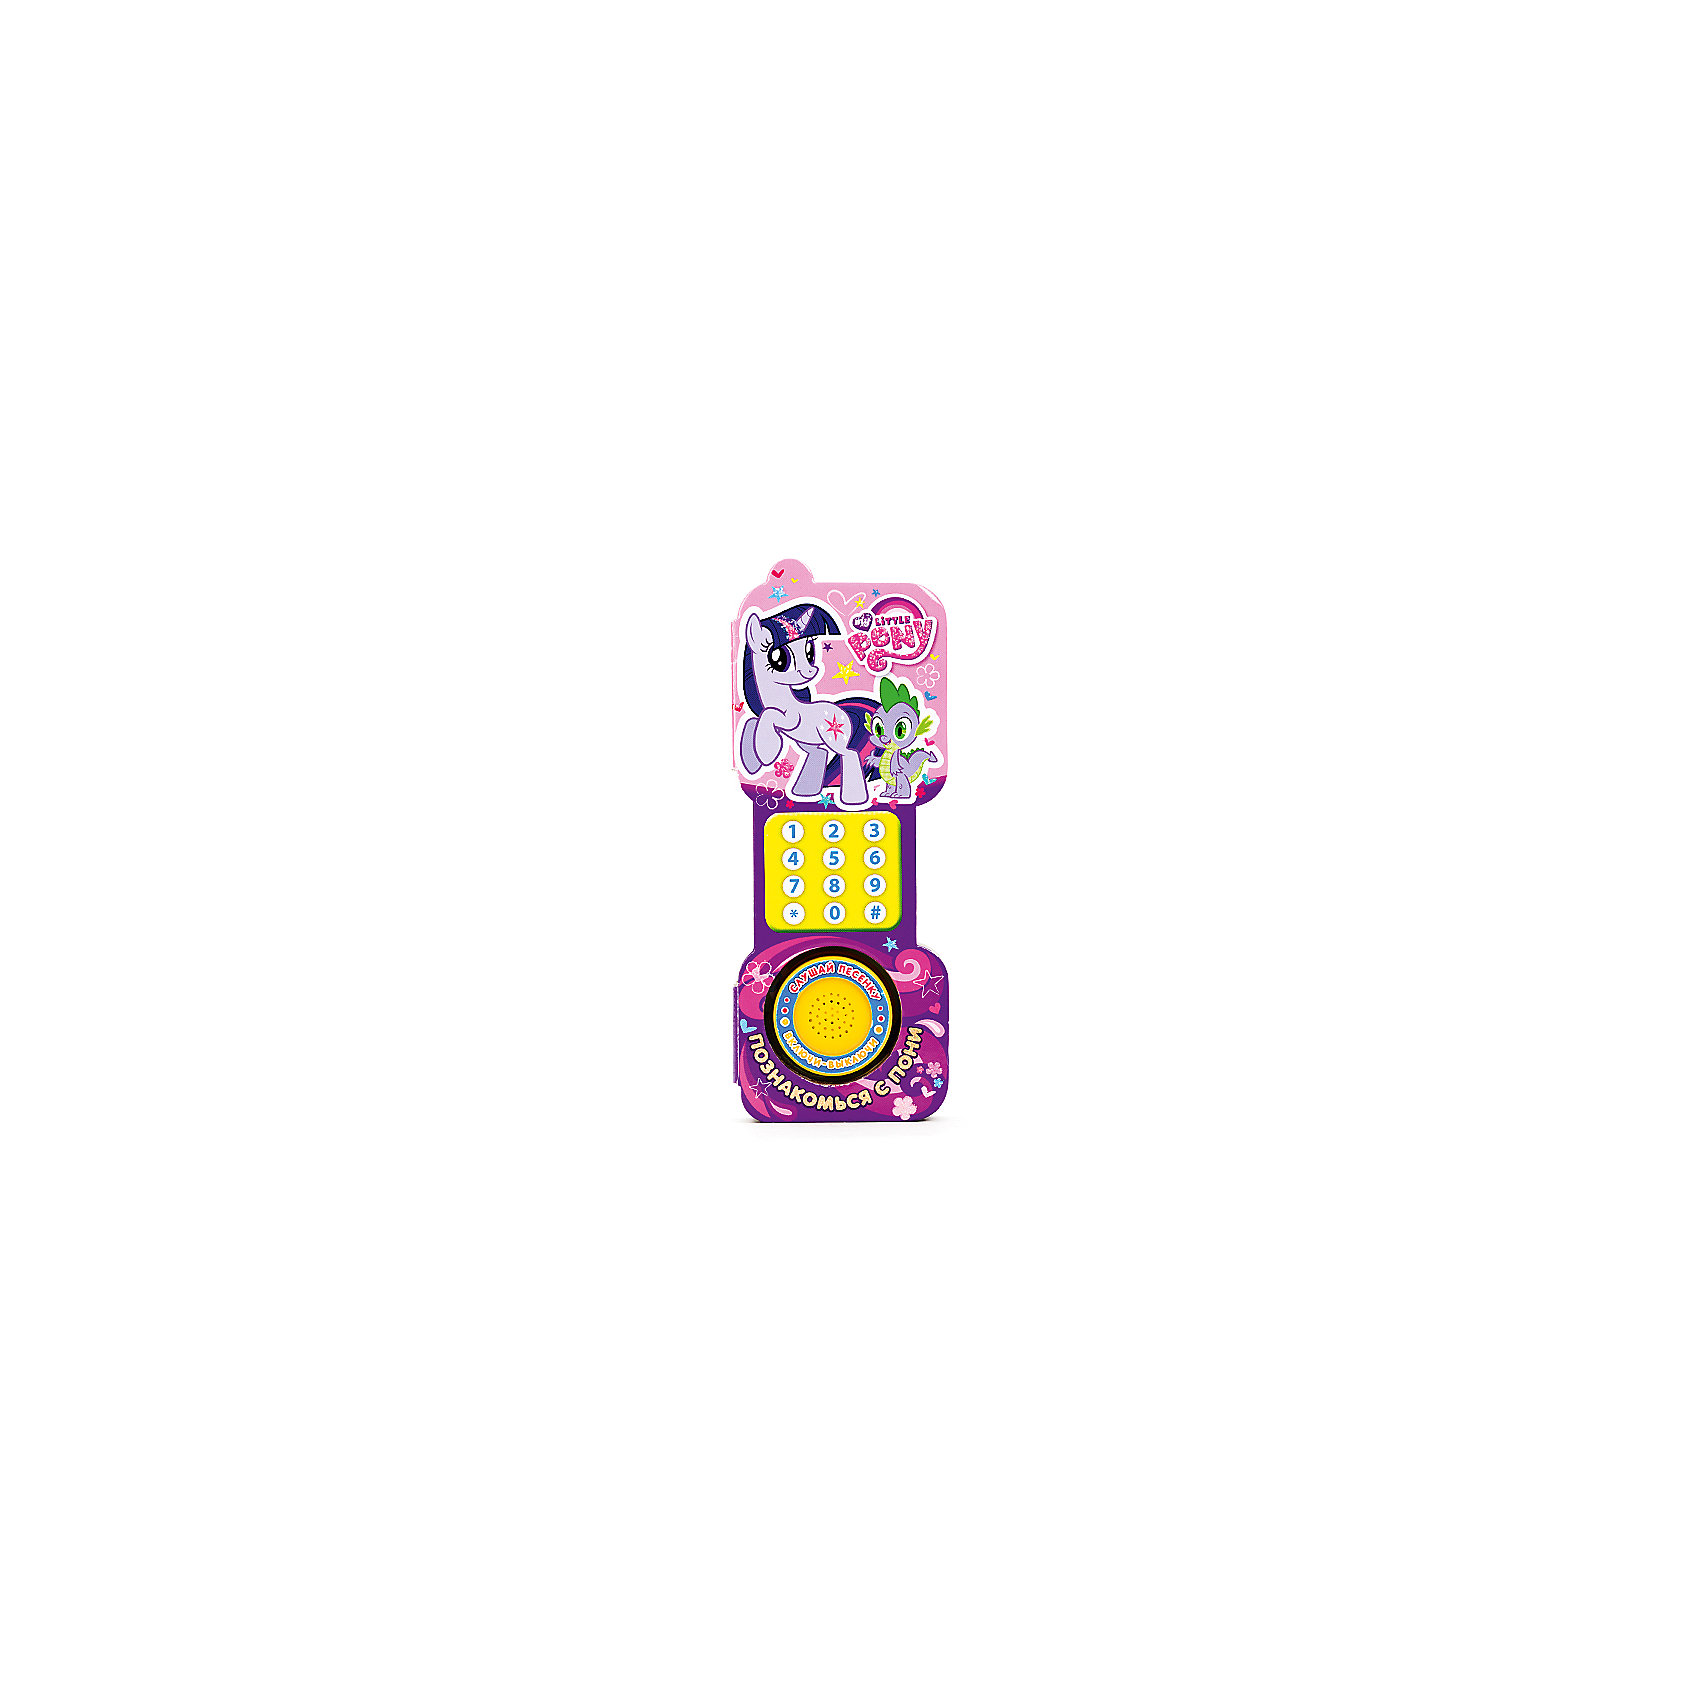 Книга с 1 кнопкой Познакомься с пони, Мой маленький пониКнижка с героями  My Little Pony (Май Литл Пони) обязательно понравится вашему ребенку. Выполнена в виде очаровательного розового телефона. Нажав на кнопку, ребёнок услышит любимую песенку и увидит разноцветные огоньки. <br><br>Дополнительная информация:<br><br>- Формат: 6,5х16,4 см<br>- Переплет: картон.<br>- Количество страниц: 12.<br>- Иллюстрации: цветные.<br>- Редактор-составитель: Лутикова И.<br>- Элемент питания: демонстрационные батарейки в комплекте.<br> <br>Книгу с 1 кнопкой Познакомься с пони, Мой маленький пони, можно купить в нашем магазине.<br><br>Ширина мм: 60<br>Глубина мм: 160<br>Высота мм: 20<br>Вес г: 140<br>Возраст от месяцев: 12<br>Возраст до месяцев: 60<br>Пол: Женский<br>Возраст: Детский<br>SKU: 4053287